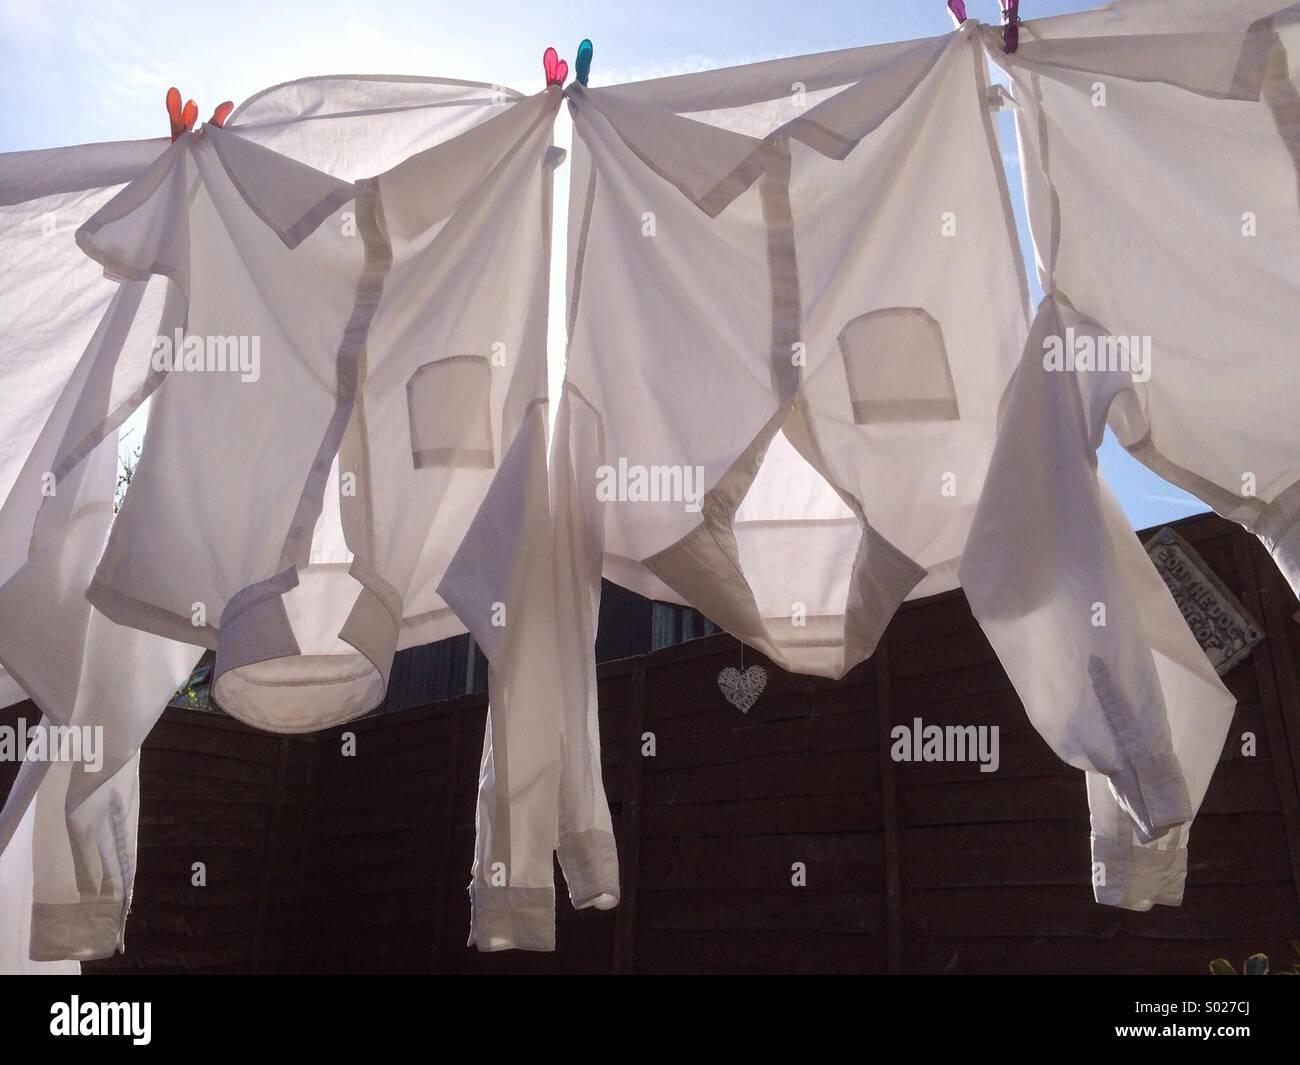 Weiße hemden auf einer wäscheleine in der sonne trocknen stockfoto